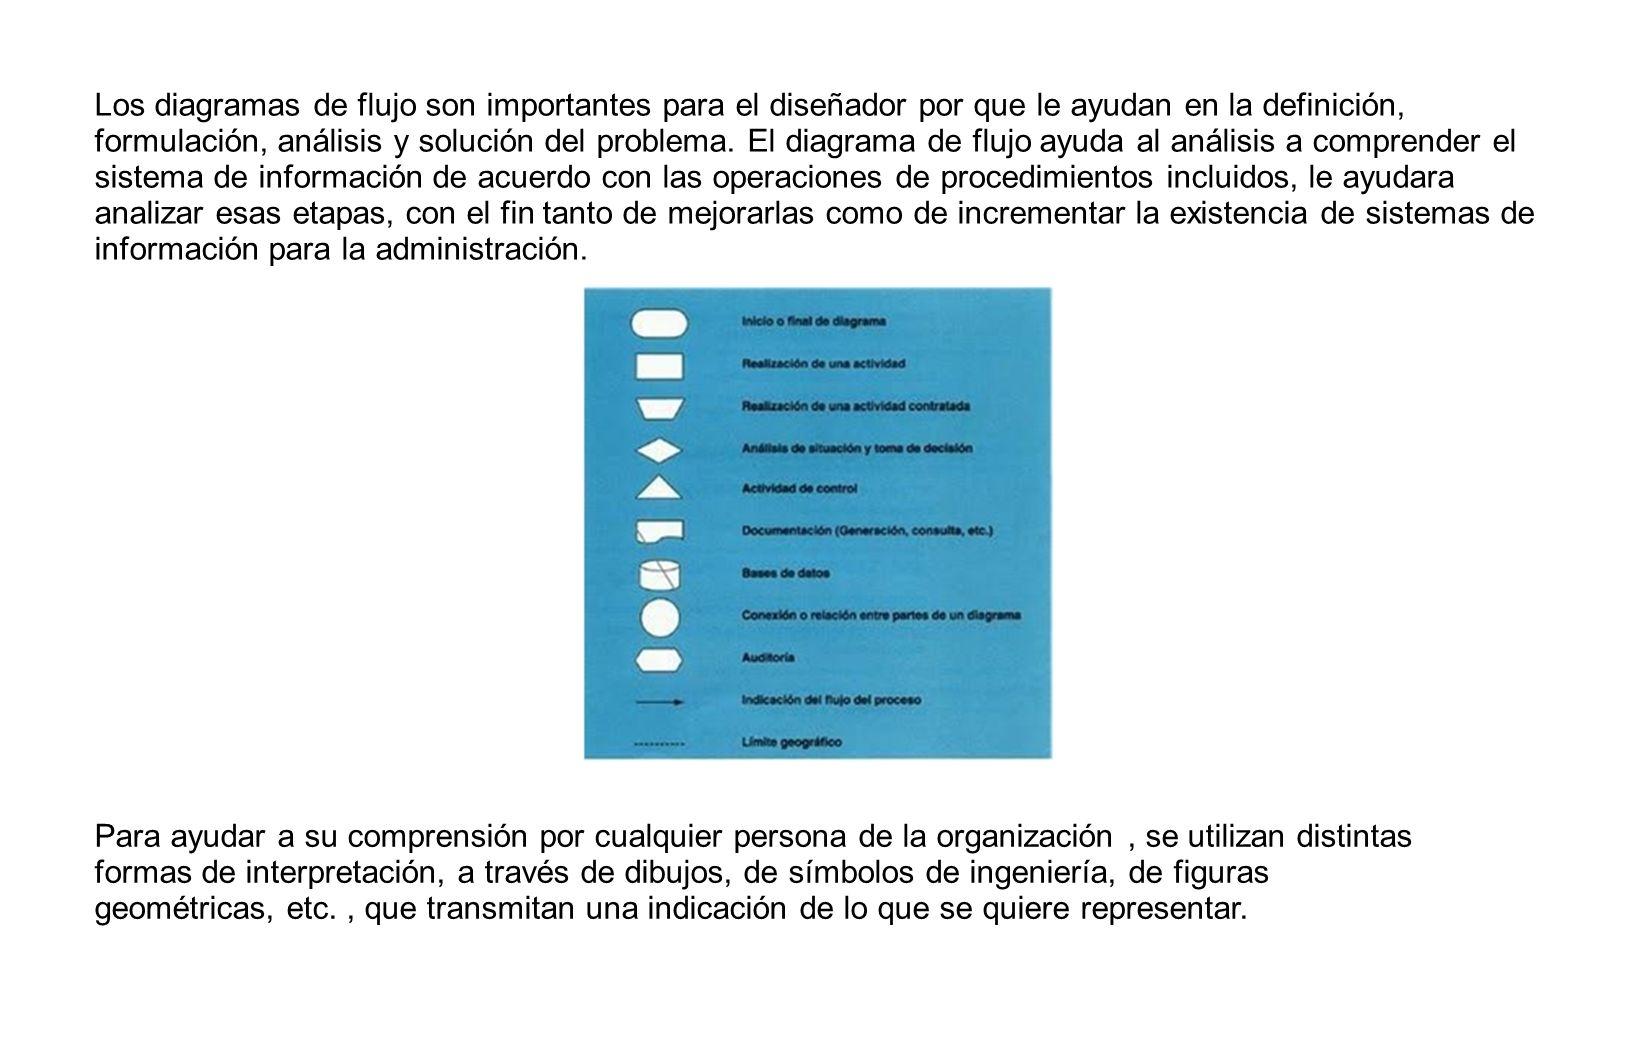 Los diagramas de flujo son importantes para el diseñador por que le ayudan en la definición, formulación, análisis y solución del problema. El diagram